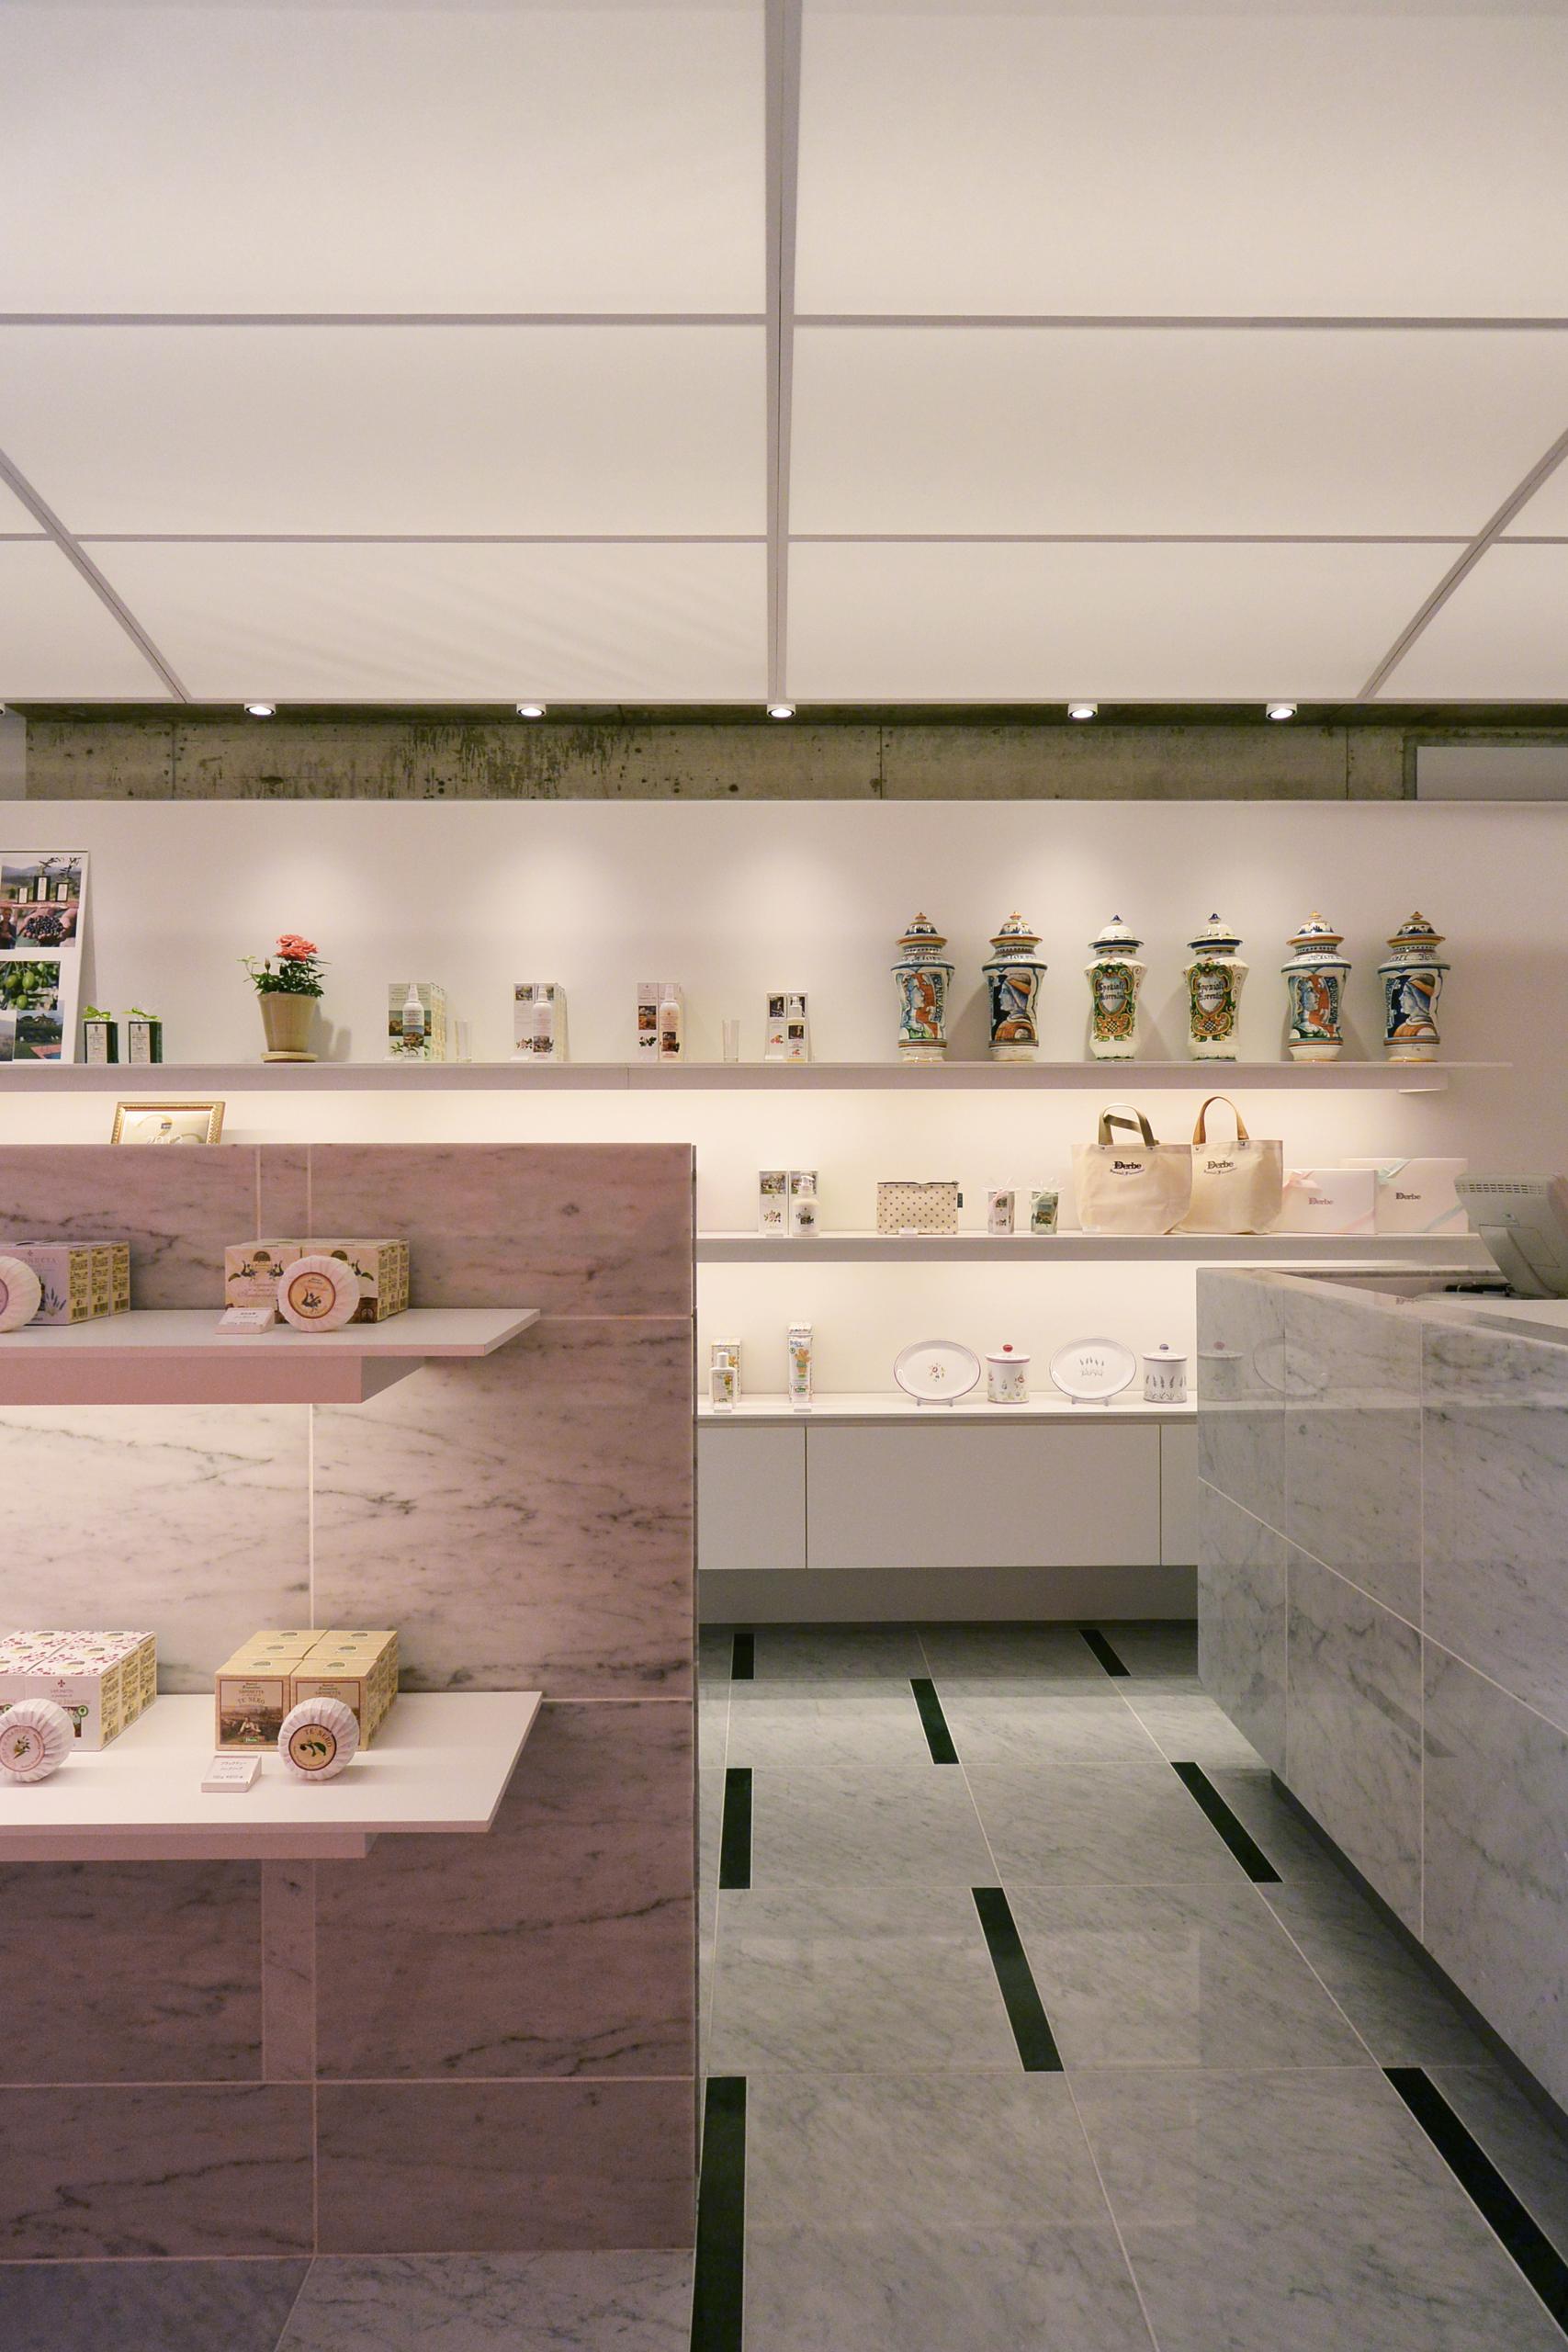 デルベ京都本店 | WORKS |